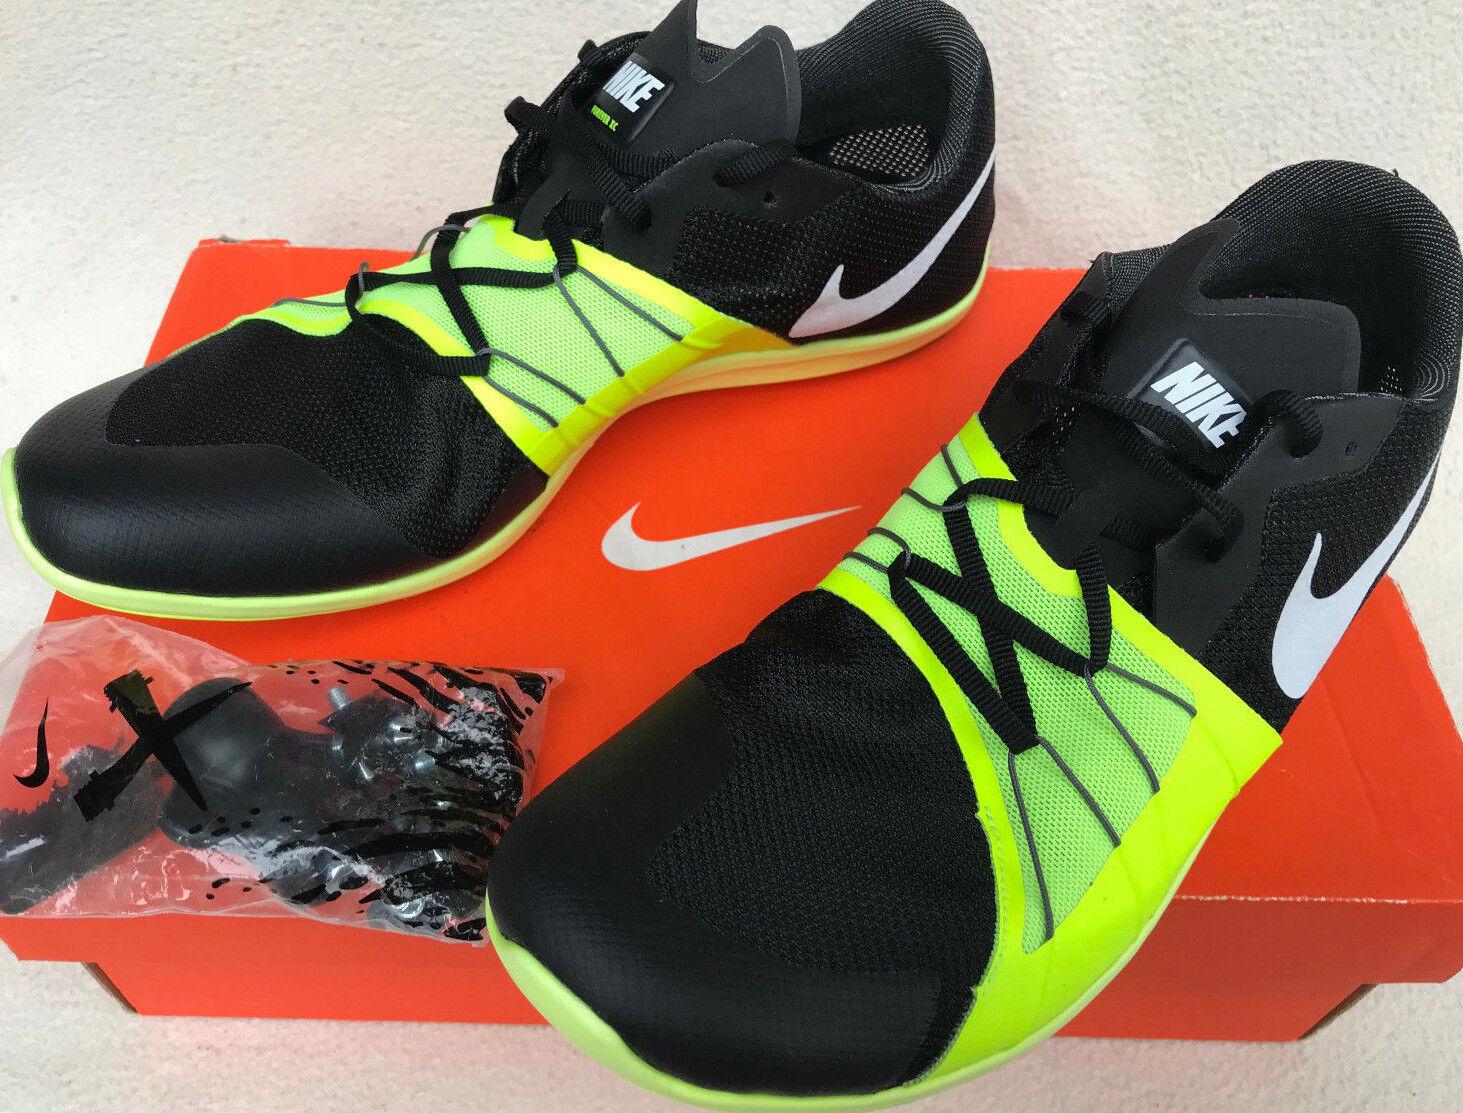 Nike zoom ewig xc 5 volt 904723-017 cc track spike - schuhe für männer 9,5 neue